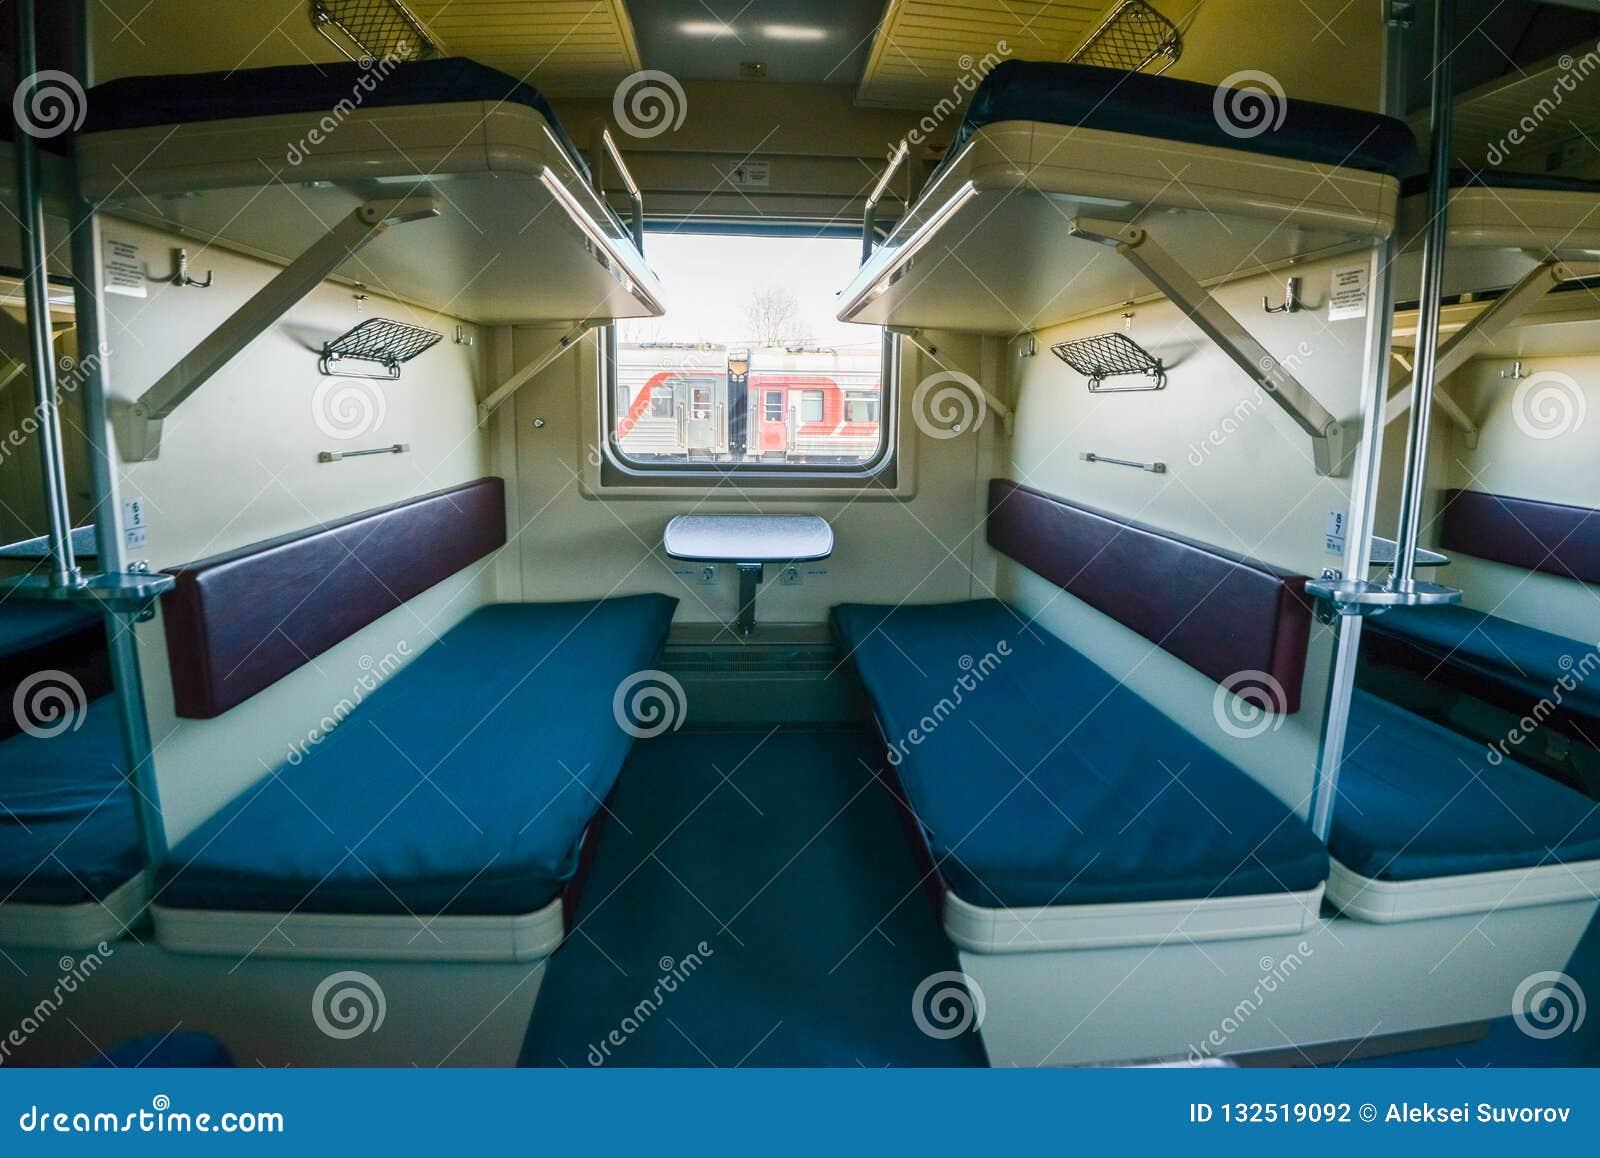 Wnętrze syberyjski pociąg ekspresowy, łączy Moskwa z Rosyjskim Daleki Wschód, kończy w Vladivostok